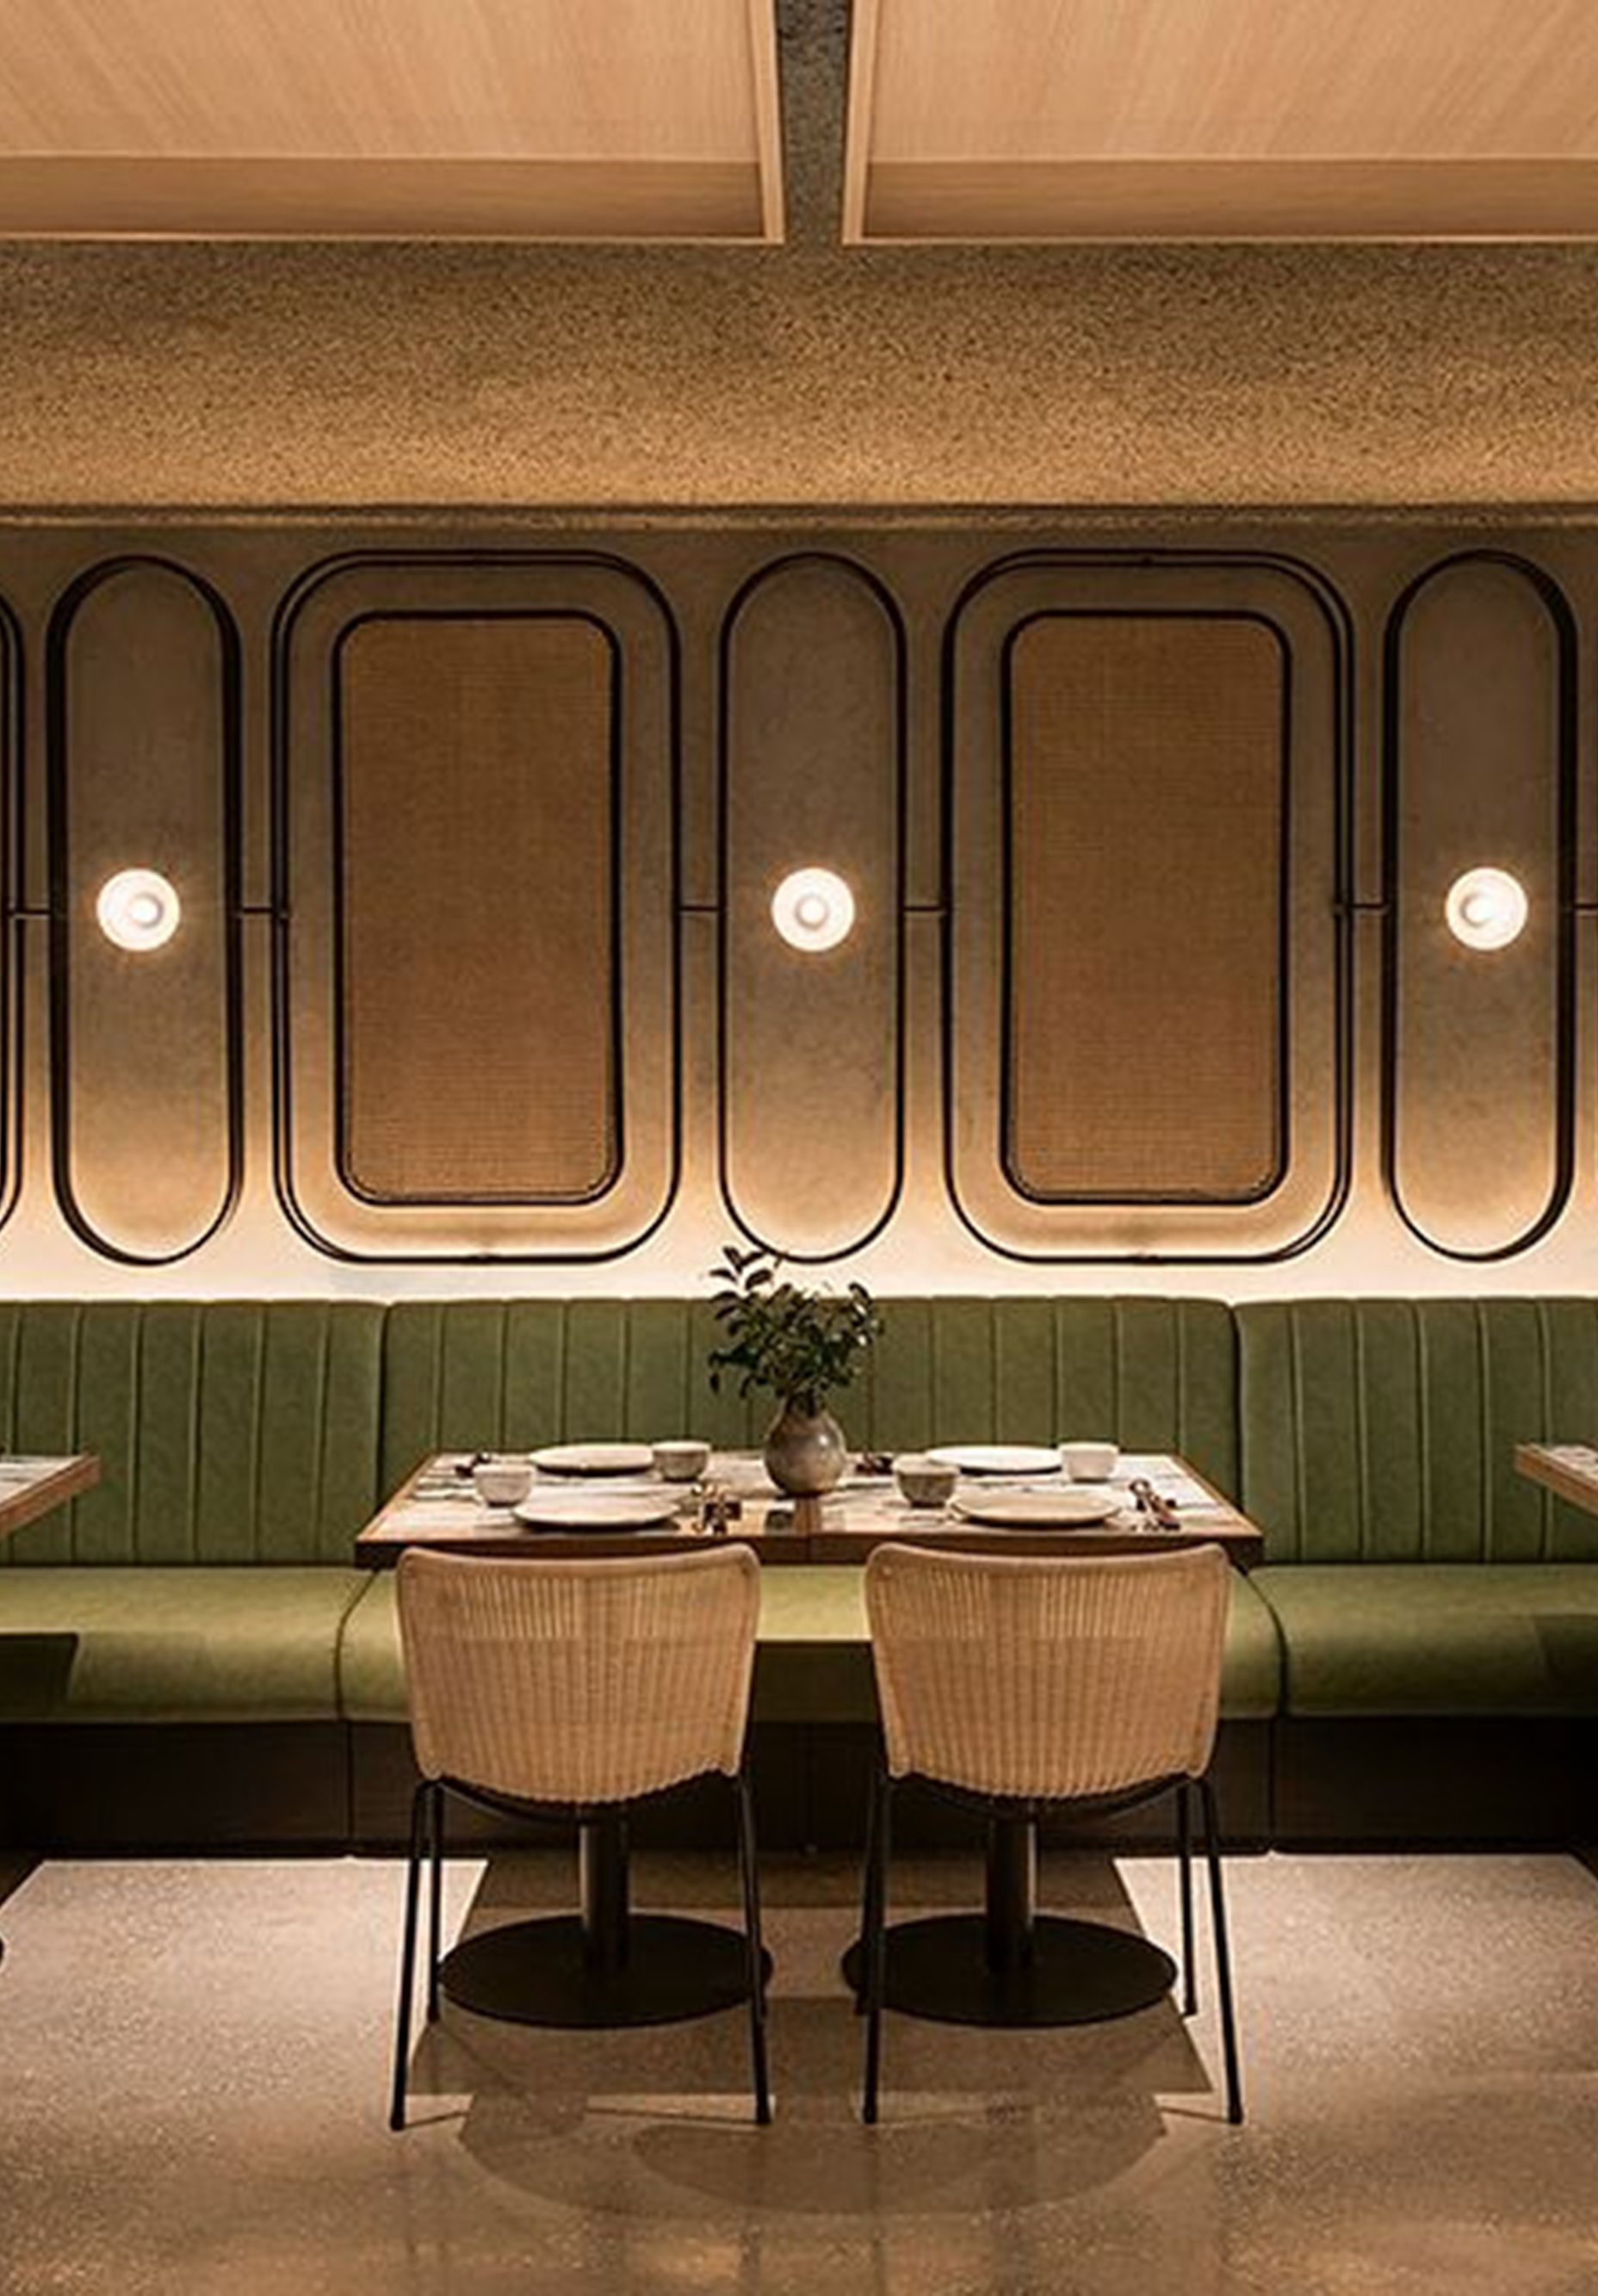 Banco Corrido Verde Restaurante Bancada Tapizada Pared Restaurante Restaurant Seating Rustic Dining Furniture Interior Design Rustic